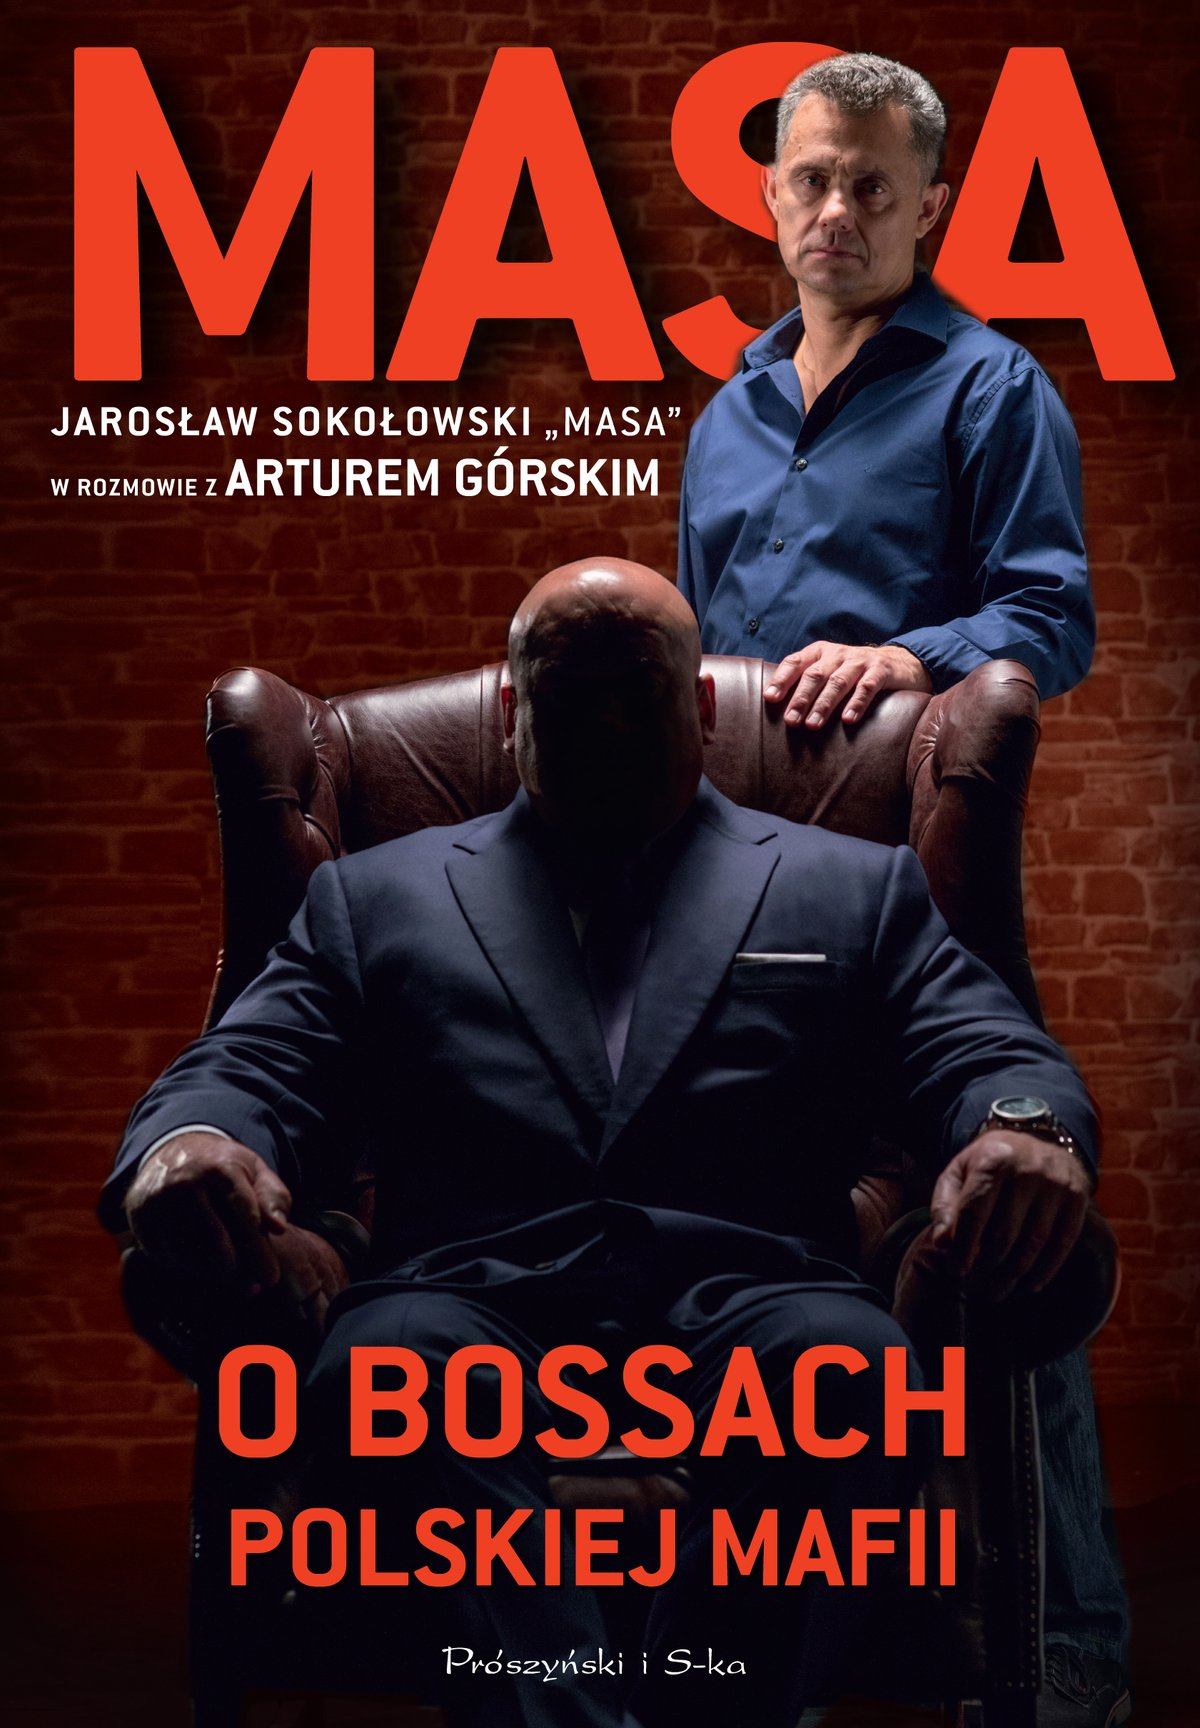 Masa o bossach polskiej mafii - Ebook (Książka EPUB) do pobrania w formacie EPUB